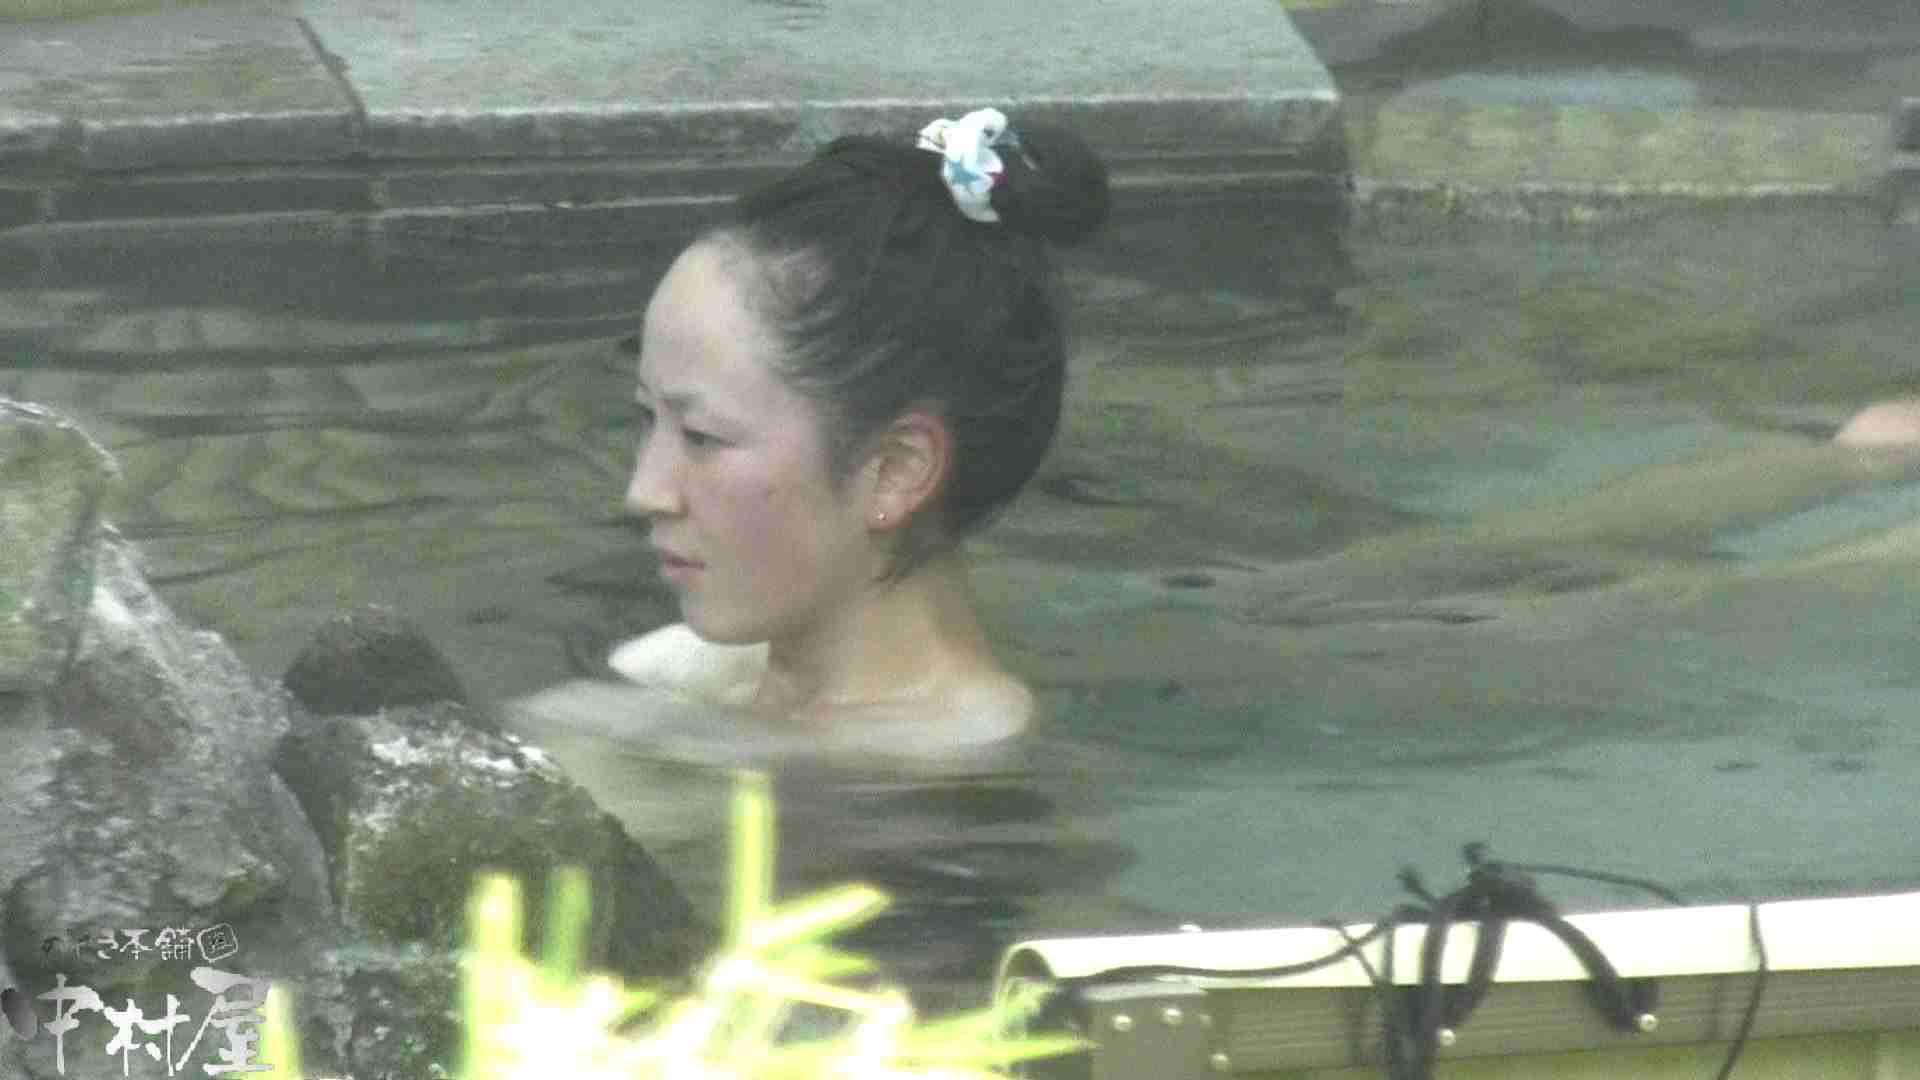 Aquaな露天風呂Vol.911 露天 | 盗撮  107画像 19